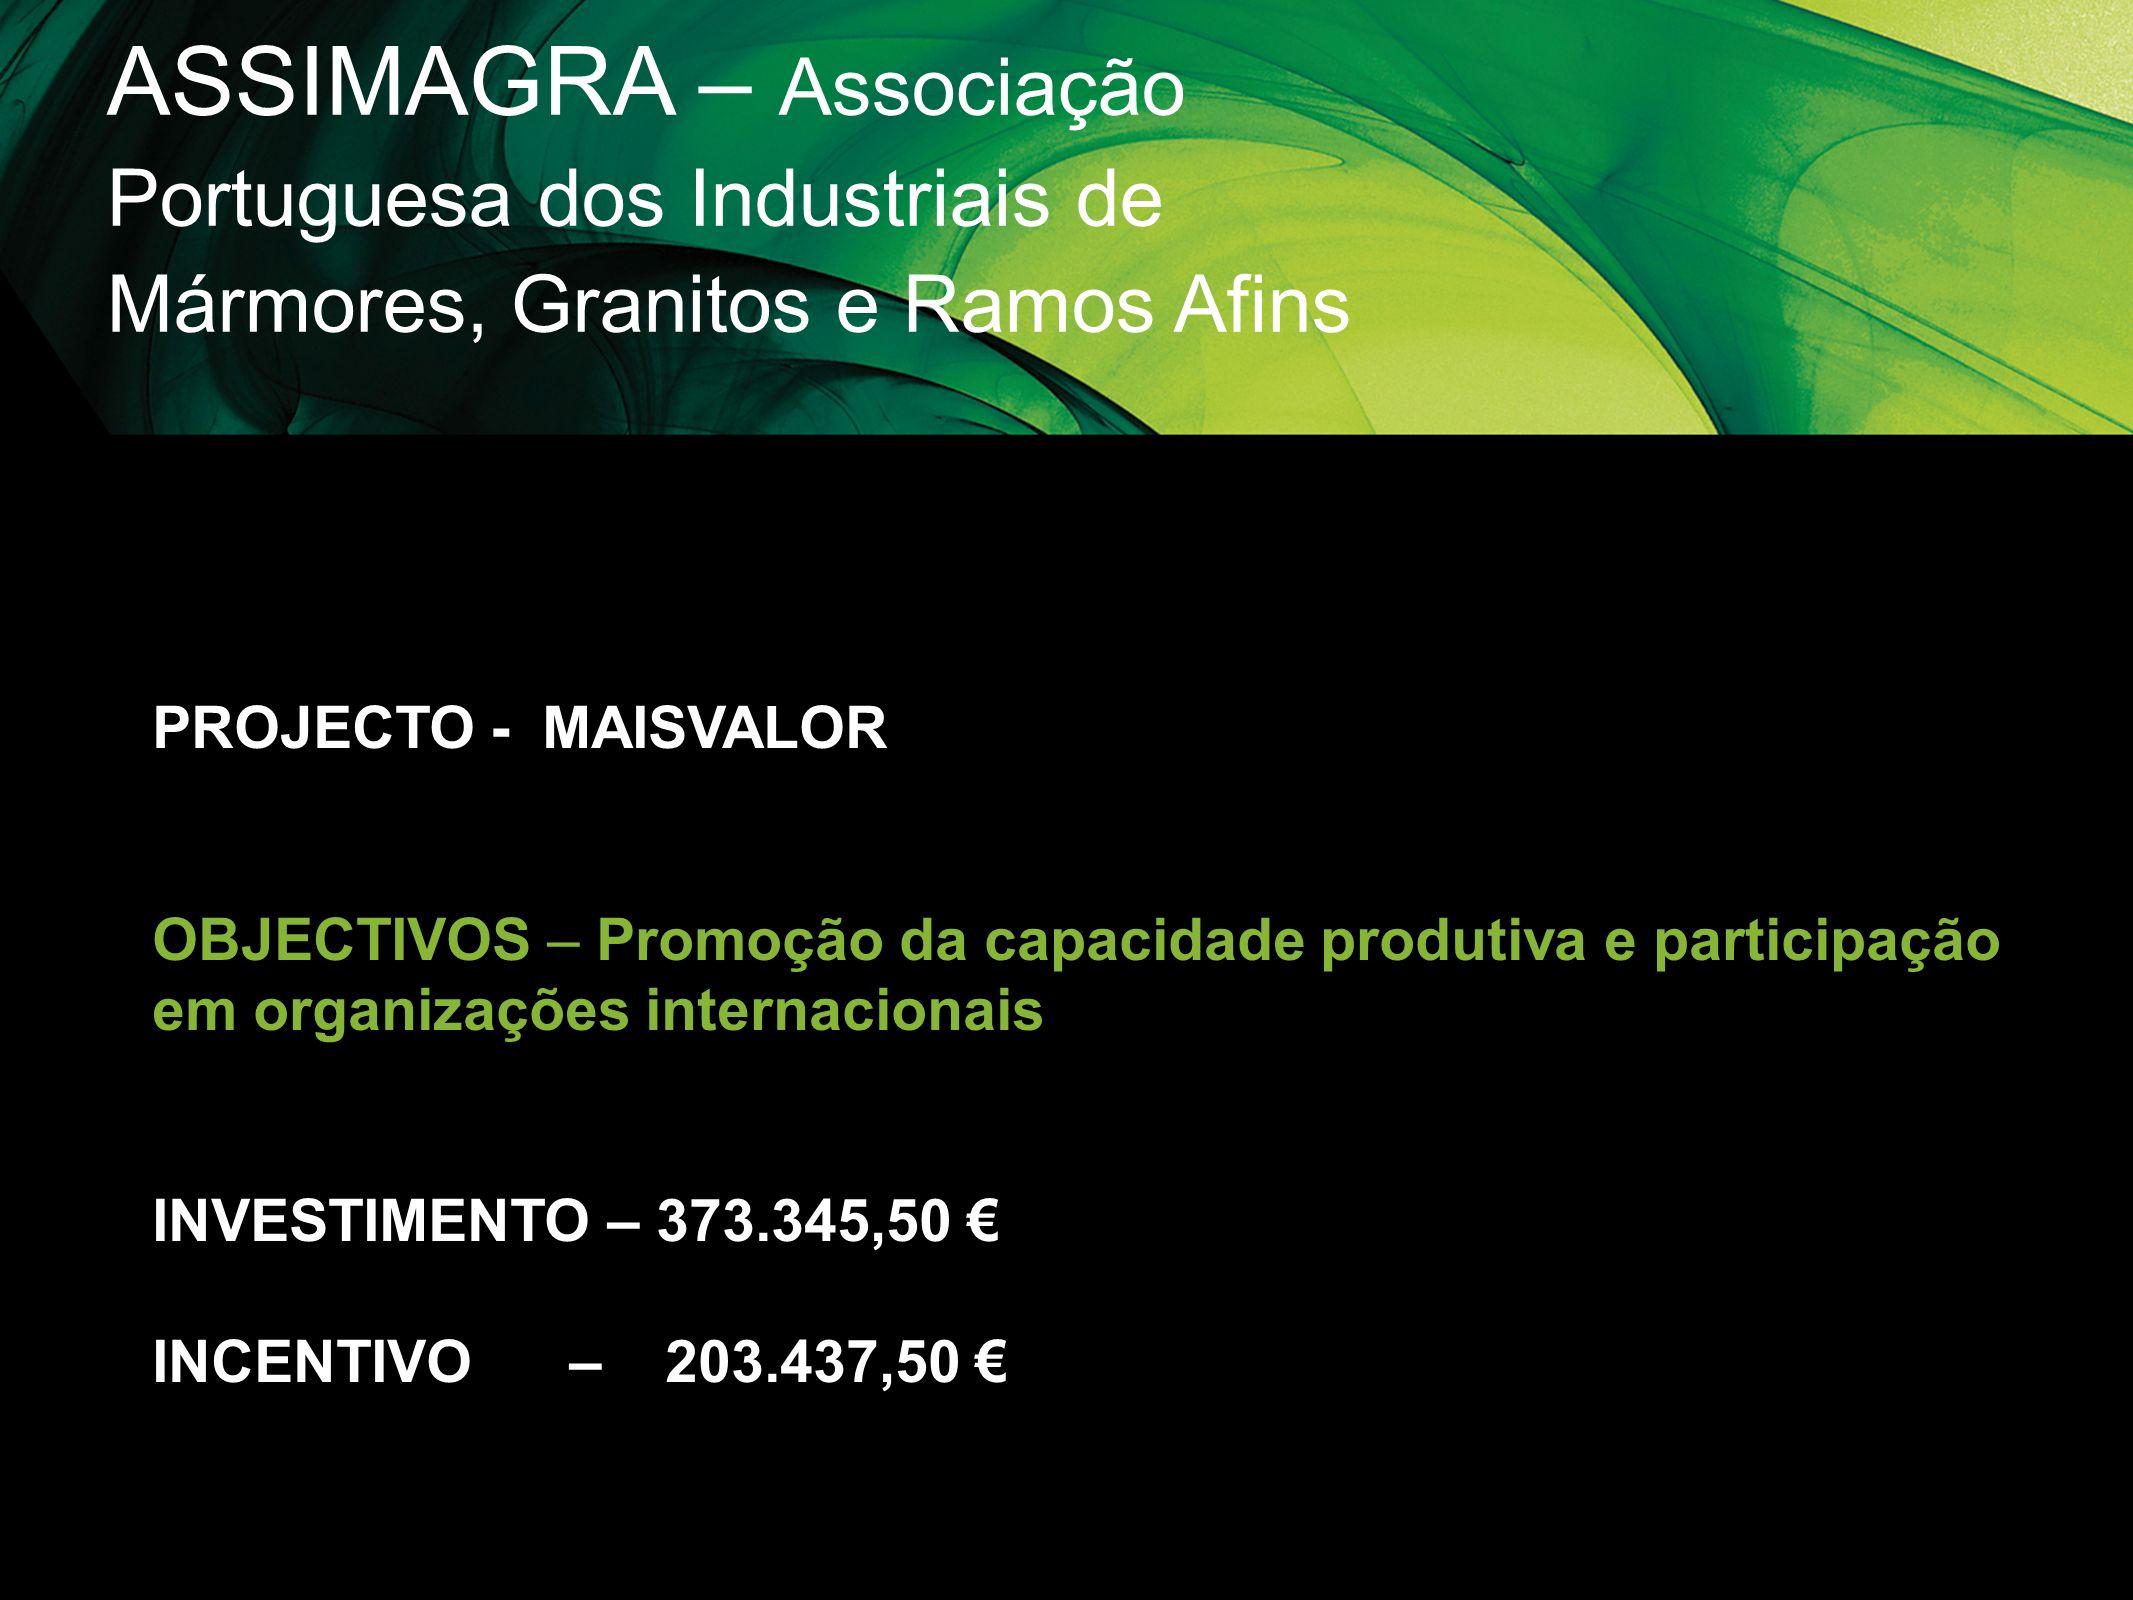 ASSIMAGRA – Associação Portuguesa dos Industriais de Mármores, Granitos e Ramos Afins